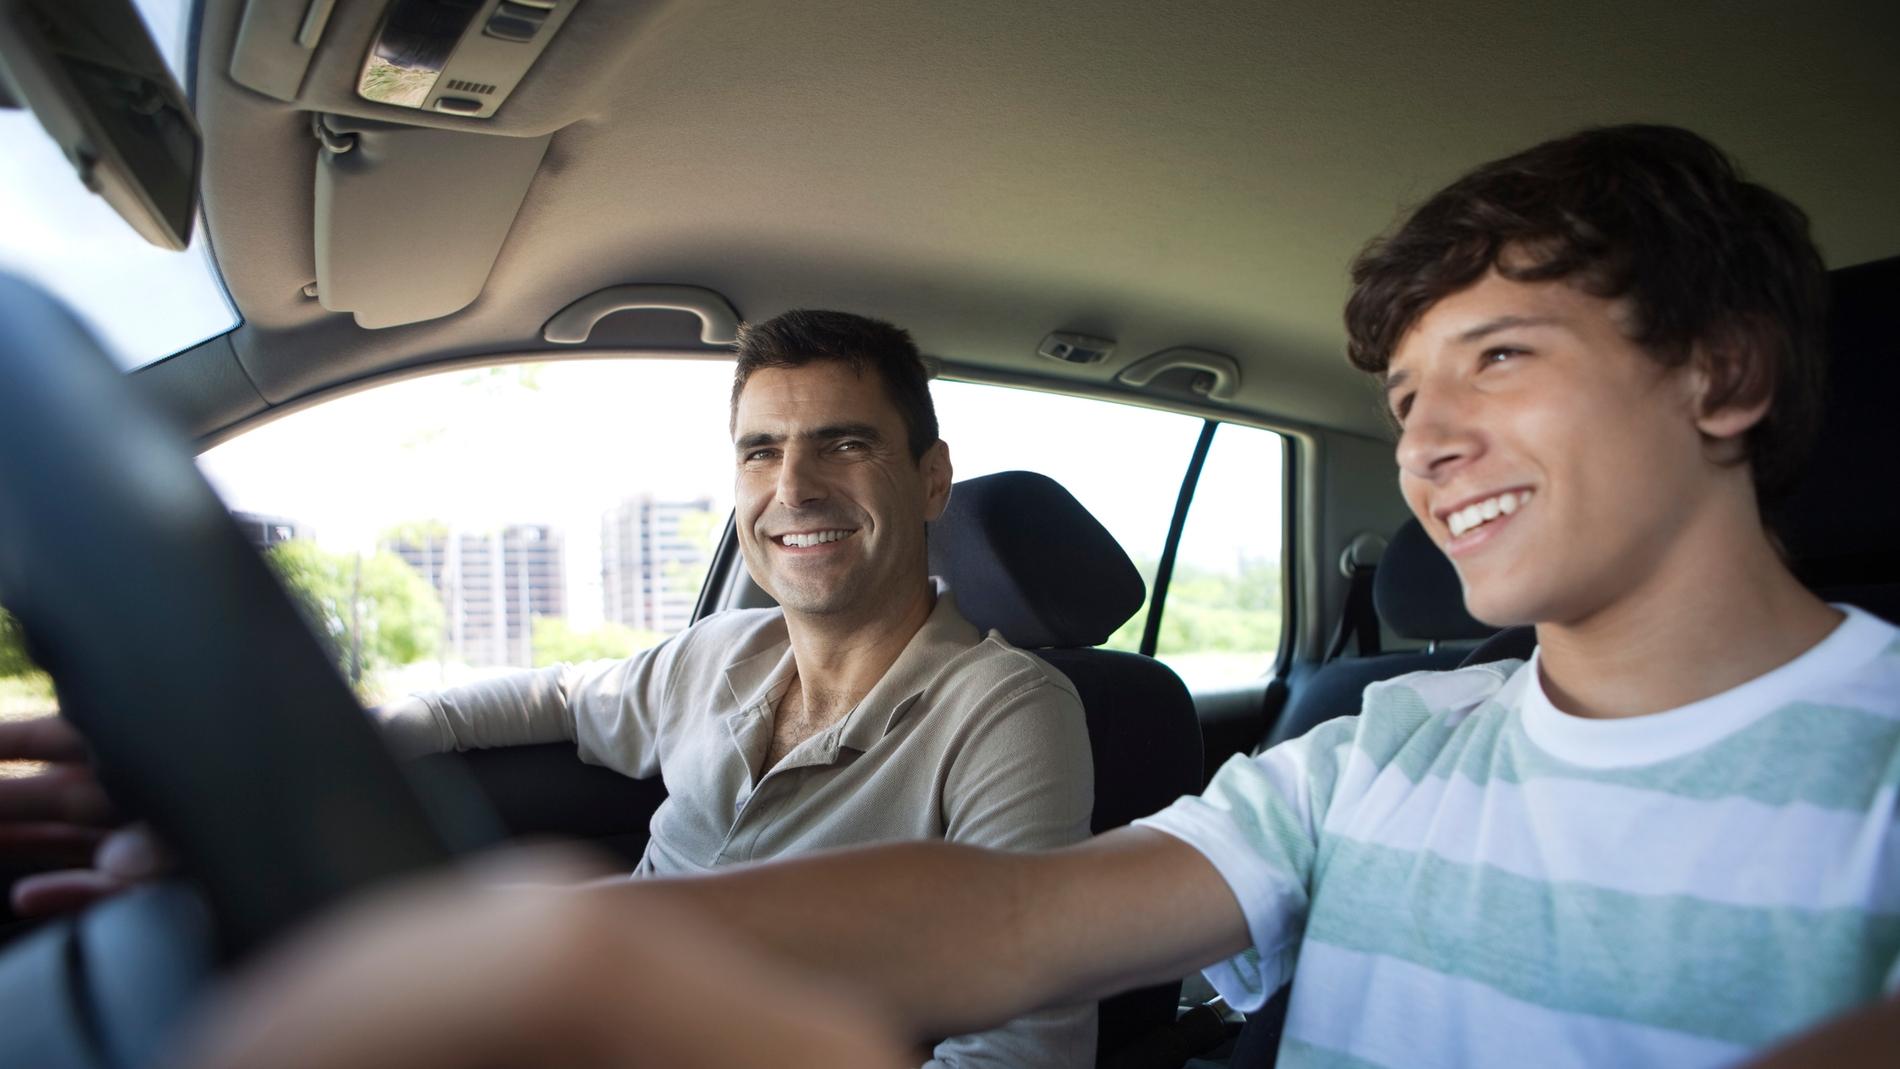 Jóven conduciendo por primera vez